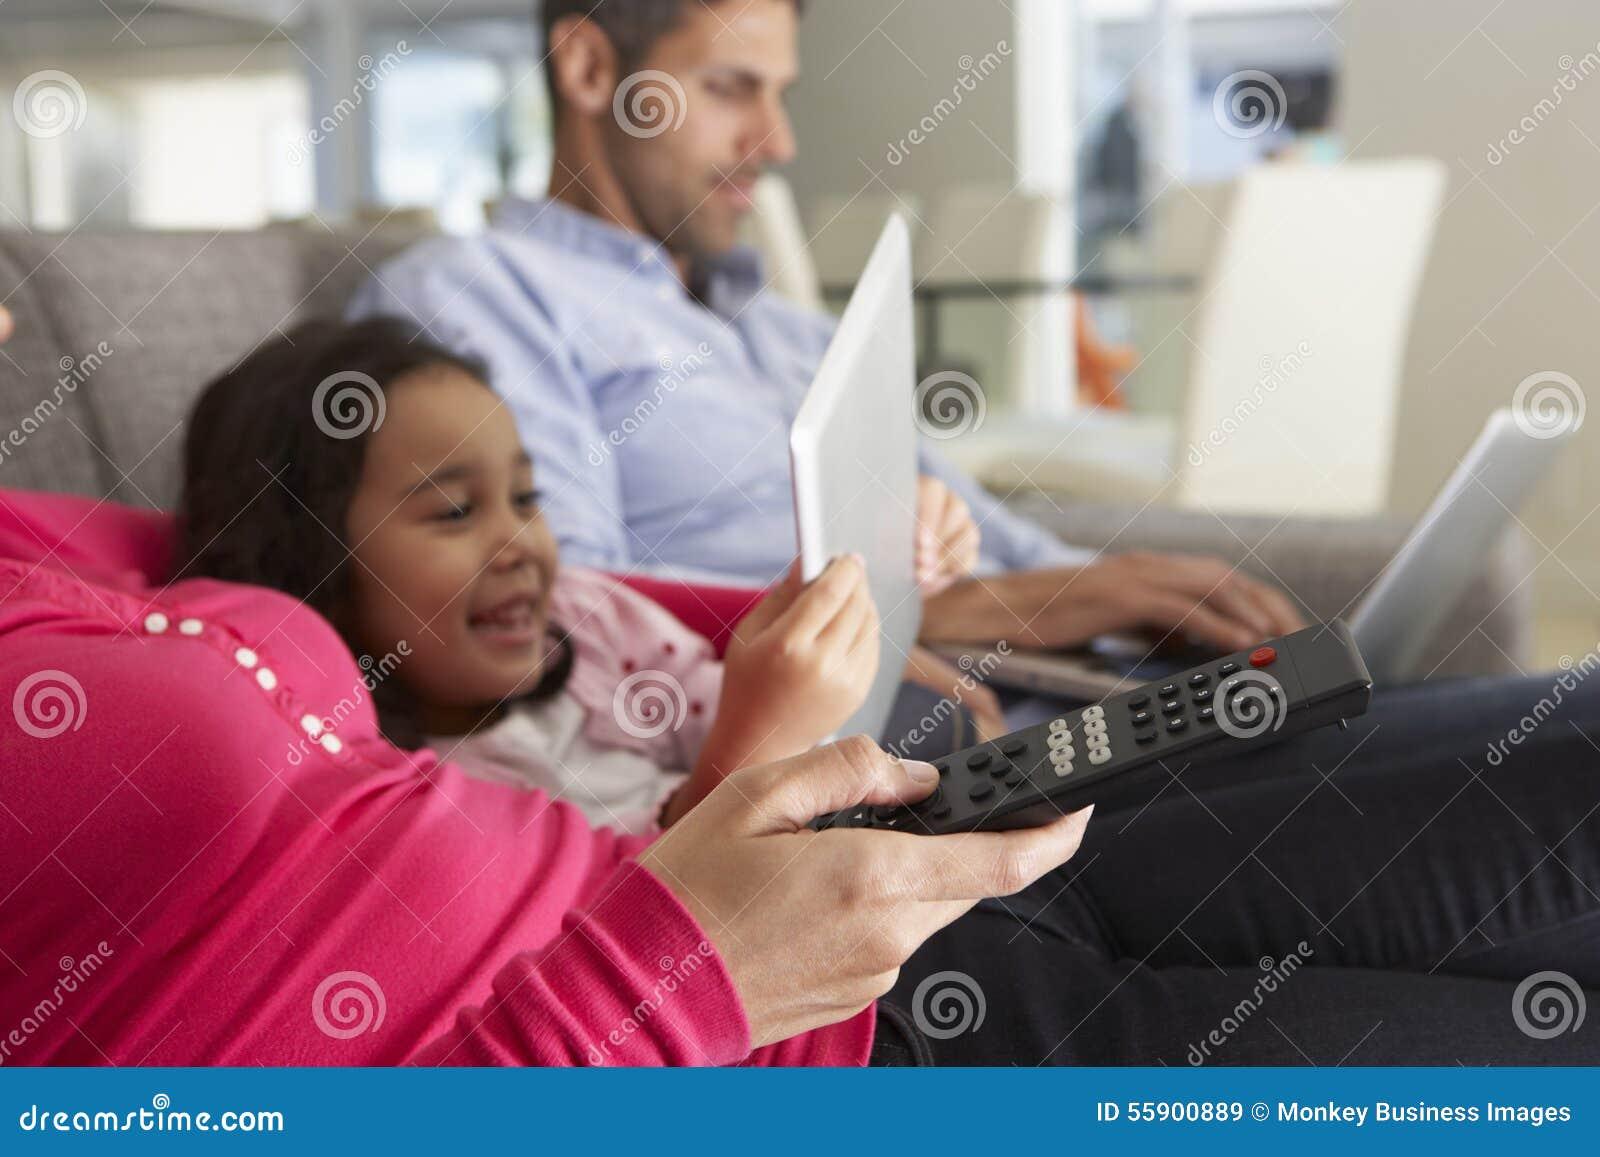 Famille sur la Tablette de Sofa With Laptop And Digital regardant la TV